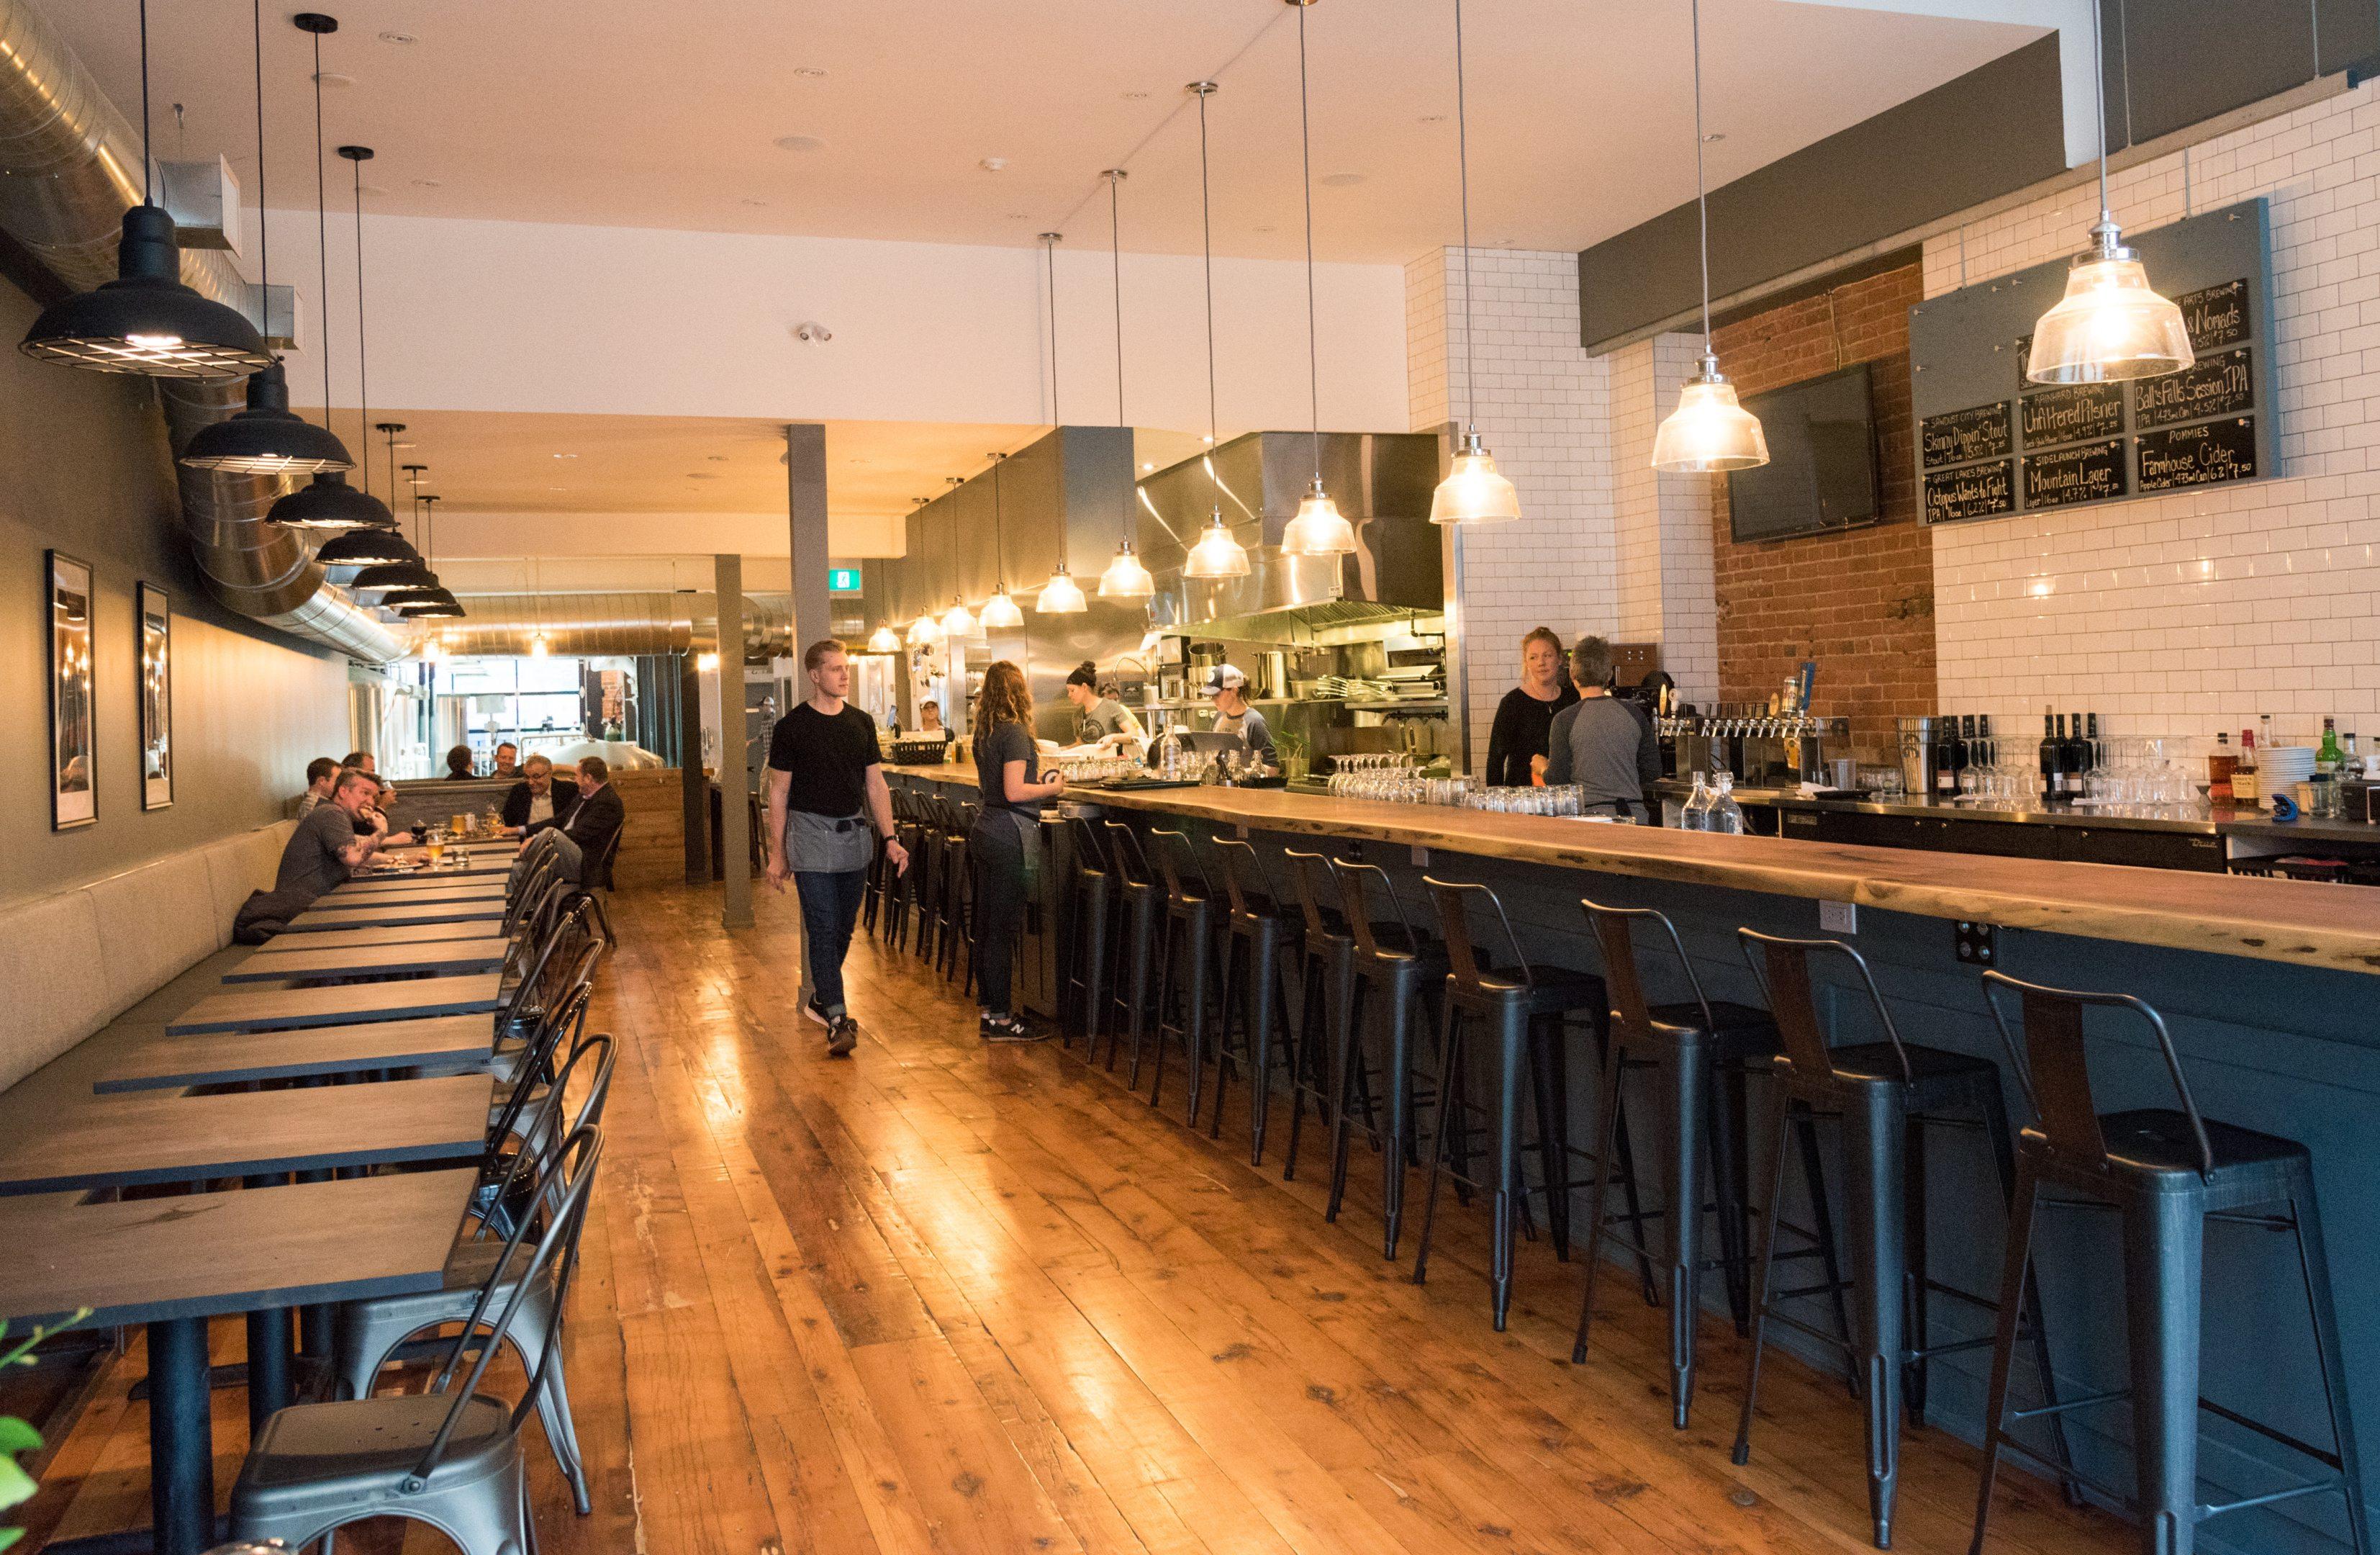 toronto-restaurants-breweries-eastbound-brewing-co-leslieville-beer-room